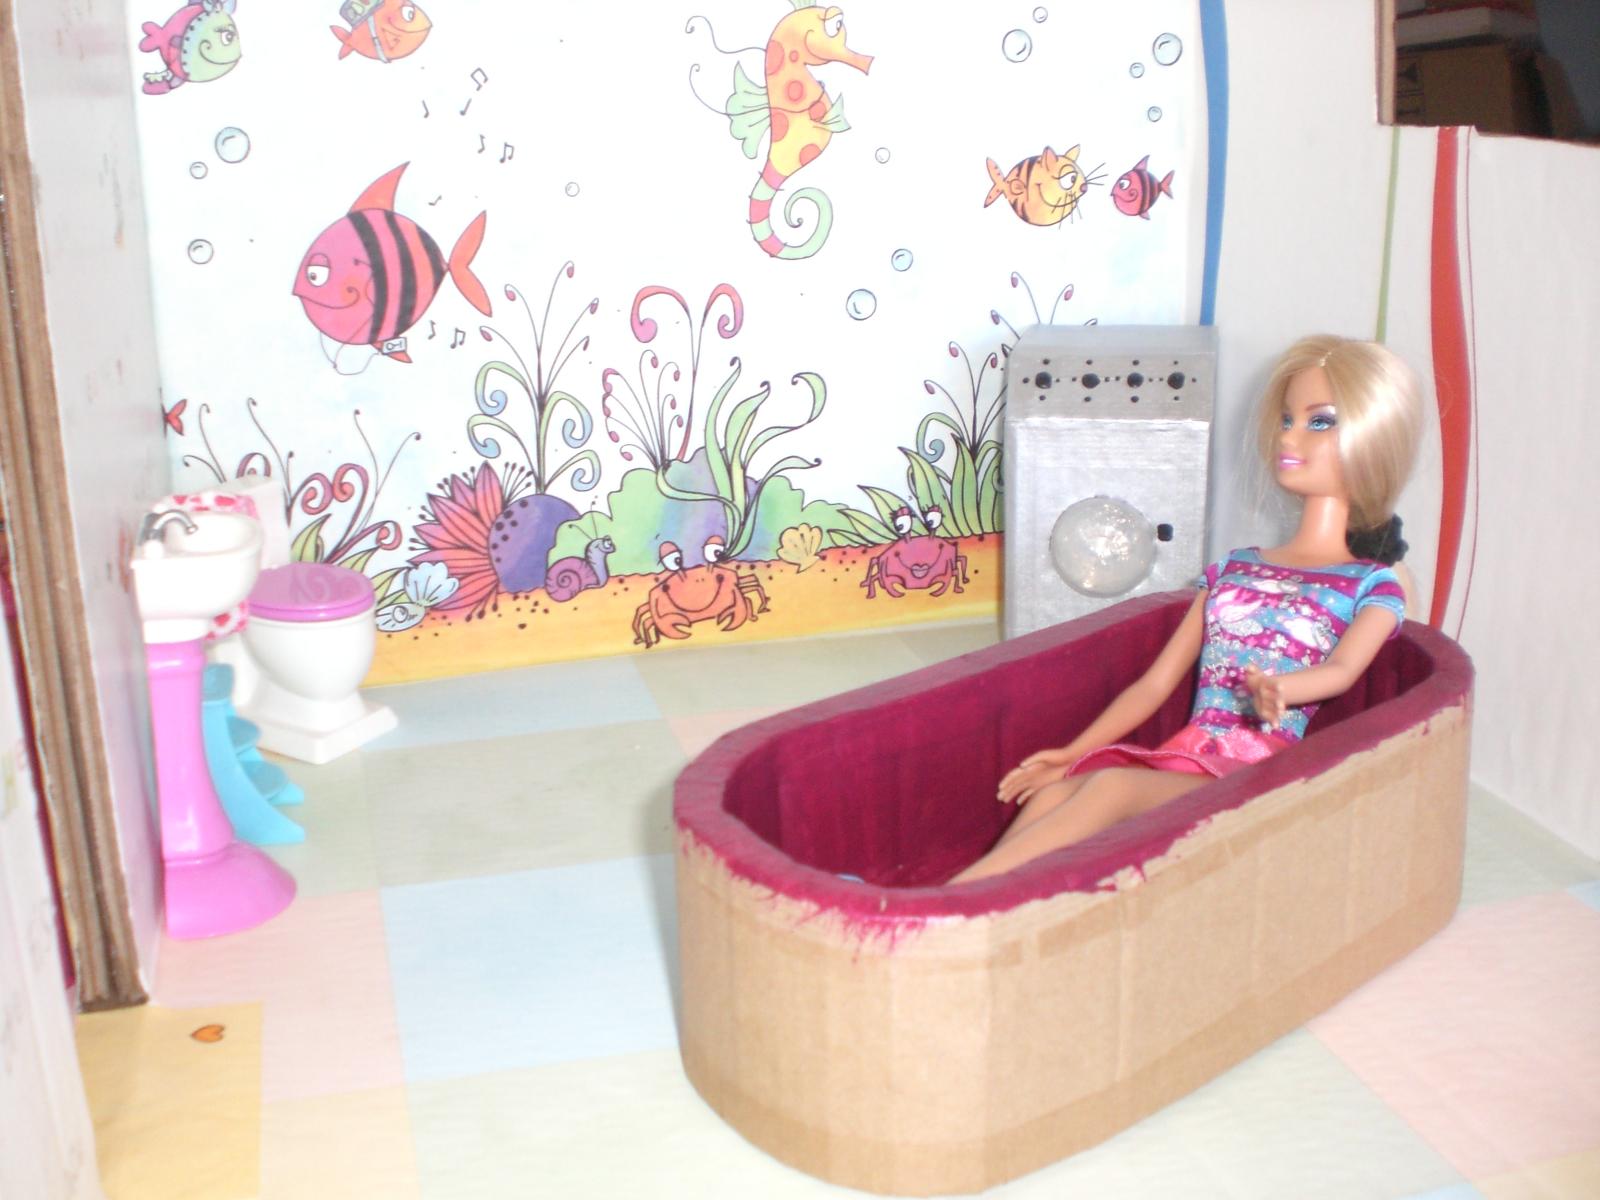 El mundo loco del carton marzo 2012 - Cosas para la casa de barbie ...